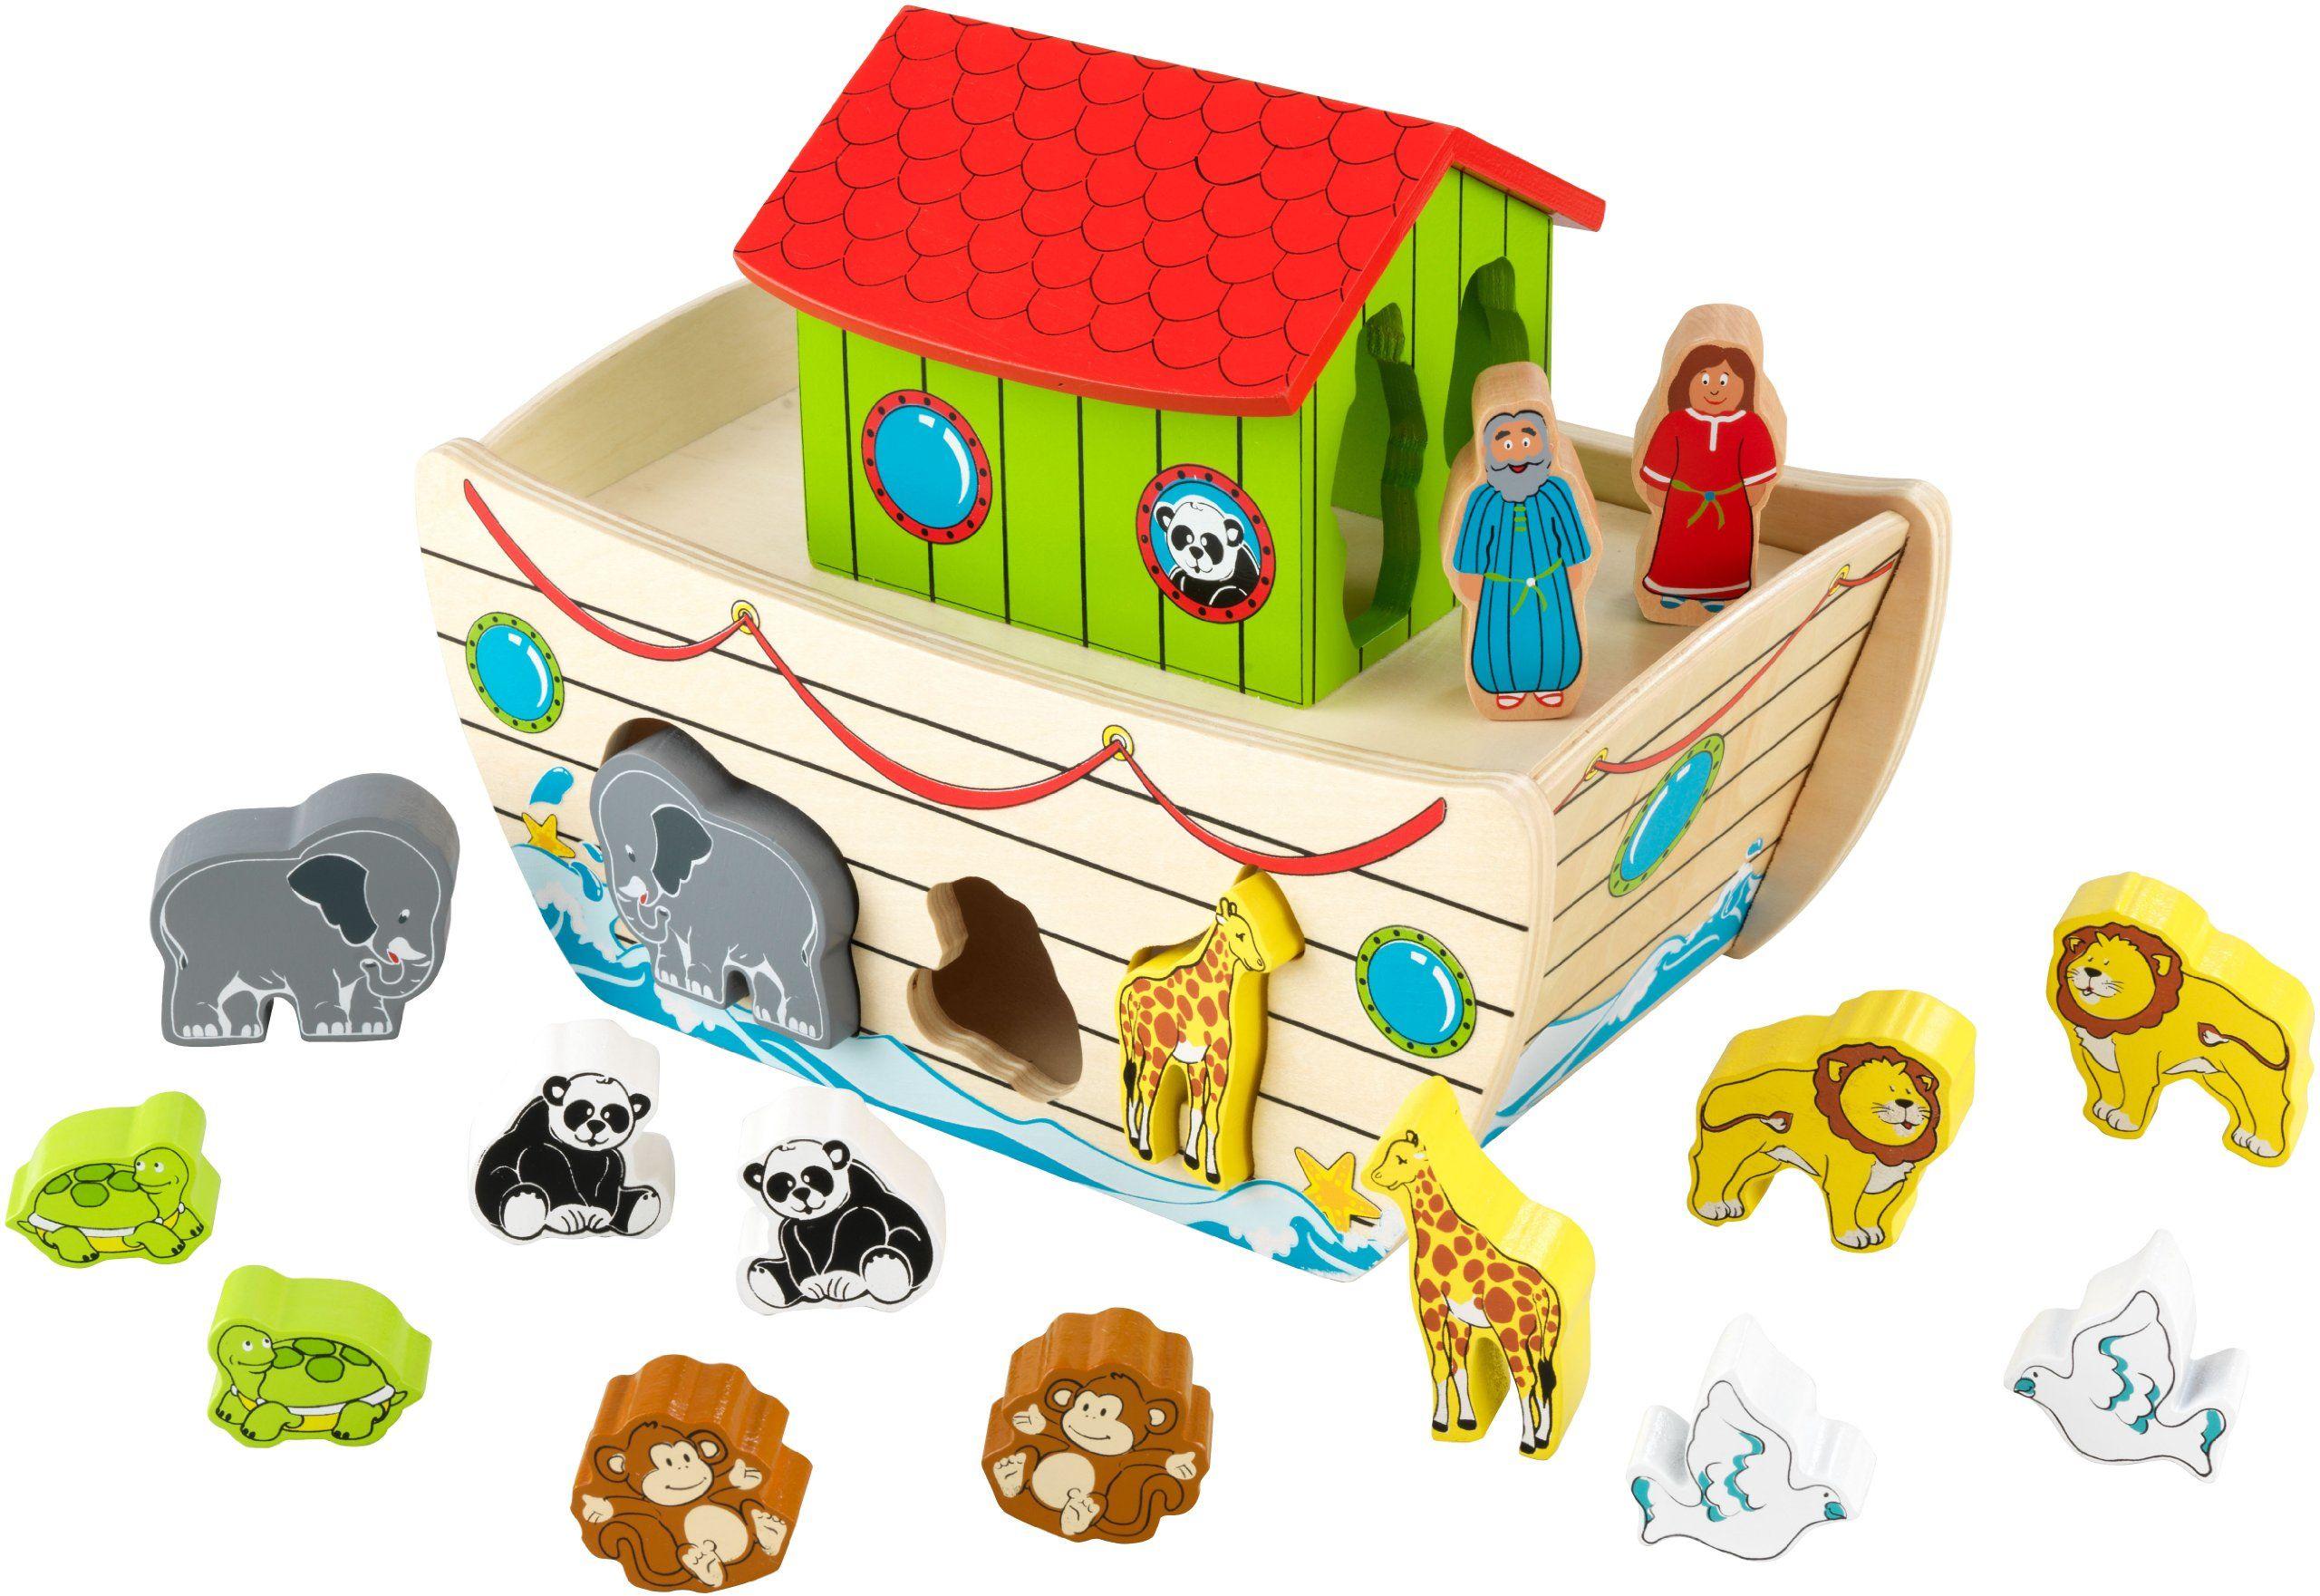 KidKraft 63244 Łuk Noah''s Ark drewniany kształt i blok Sorter ze zwierzętami - zabawka do wczesnej nauki dla dzieci i dzieci